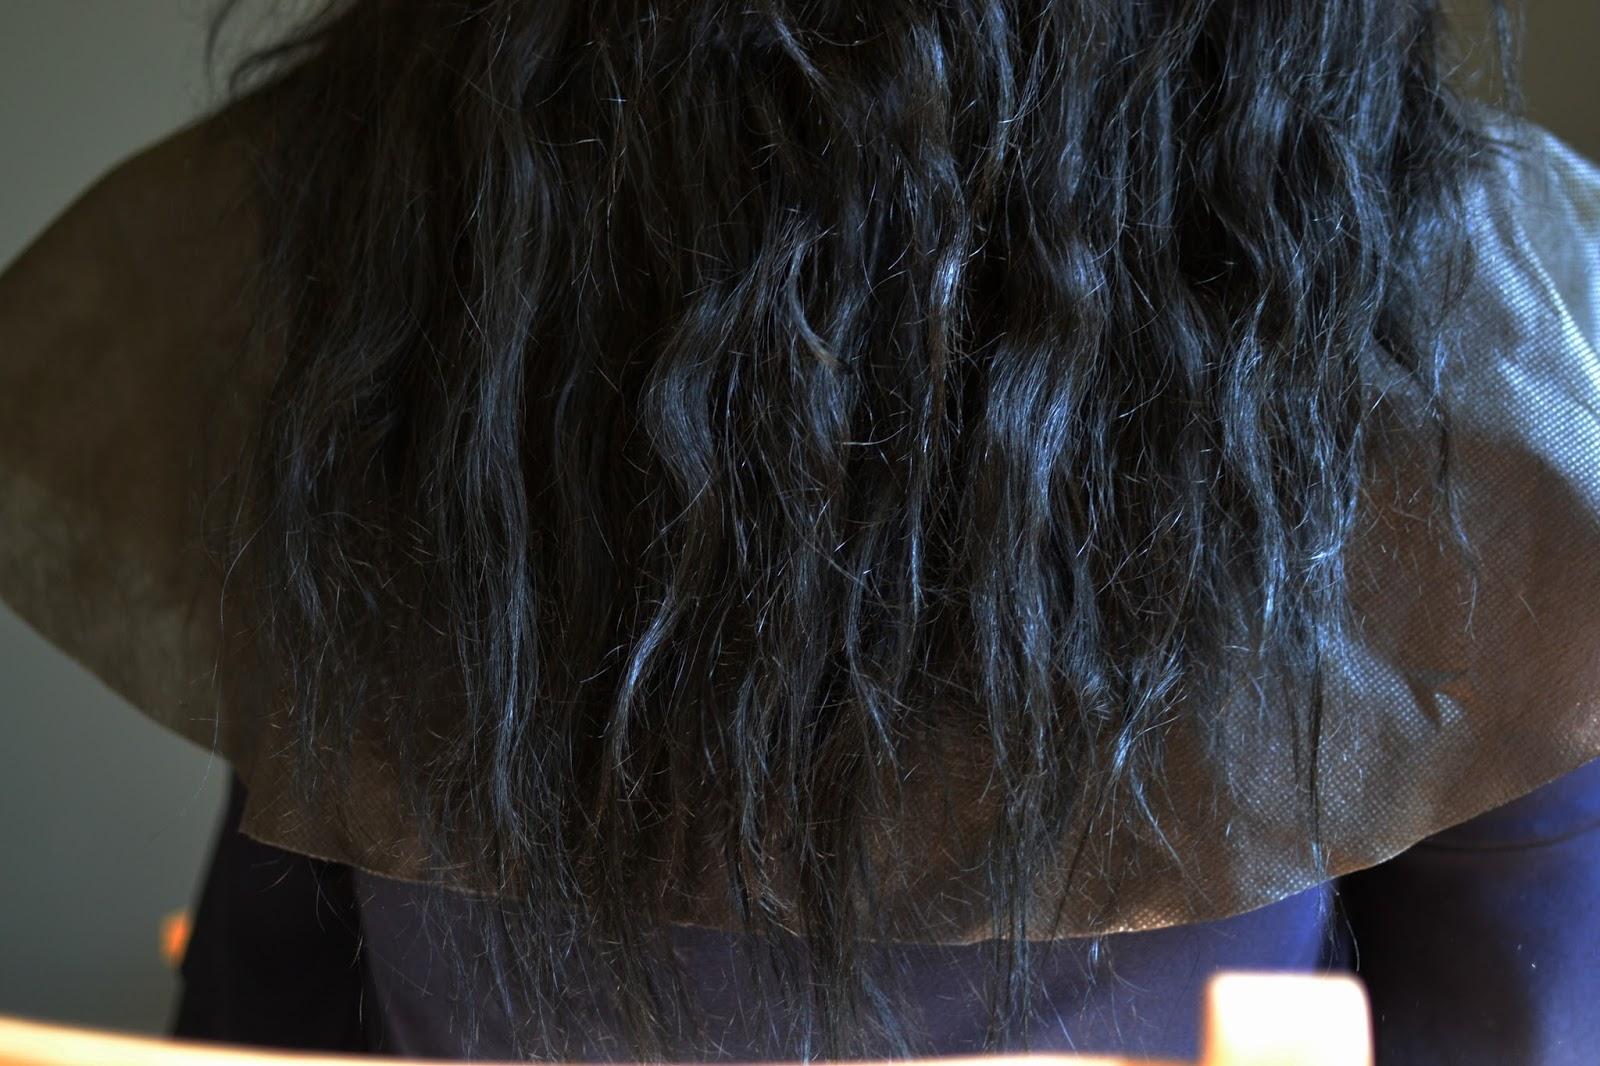 łamliwe włosy